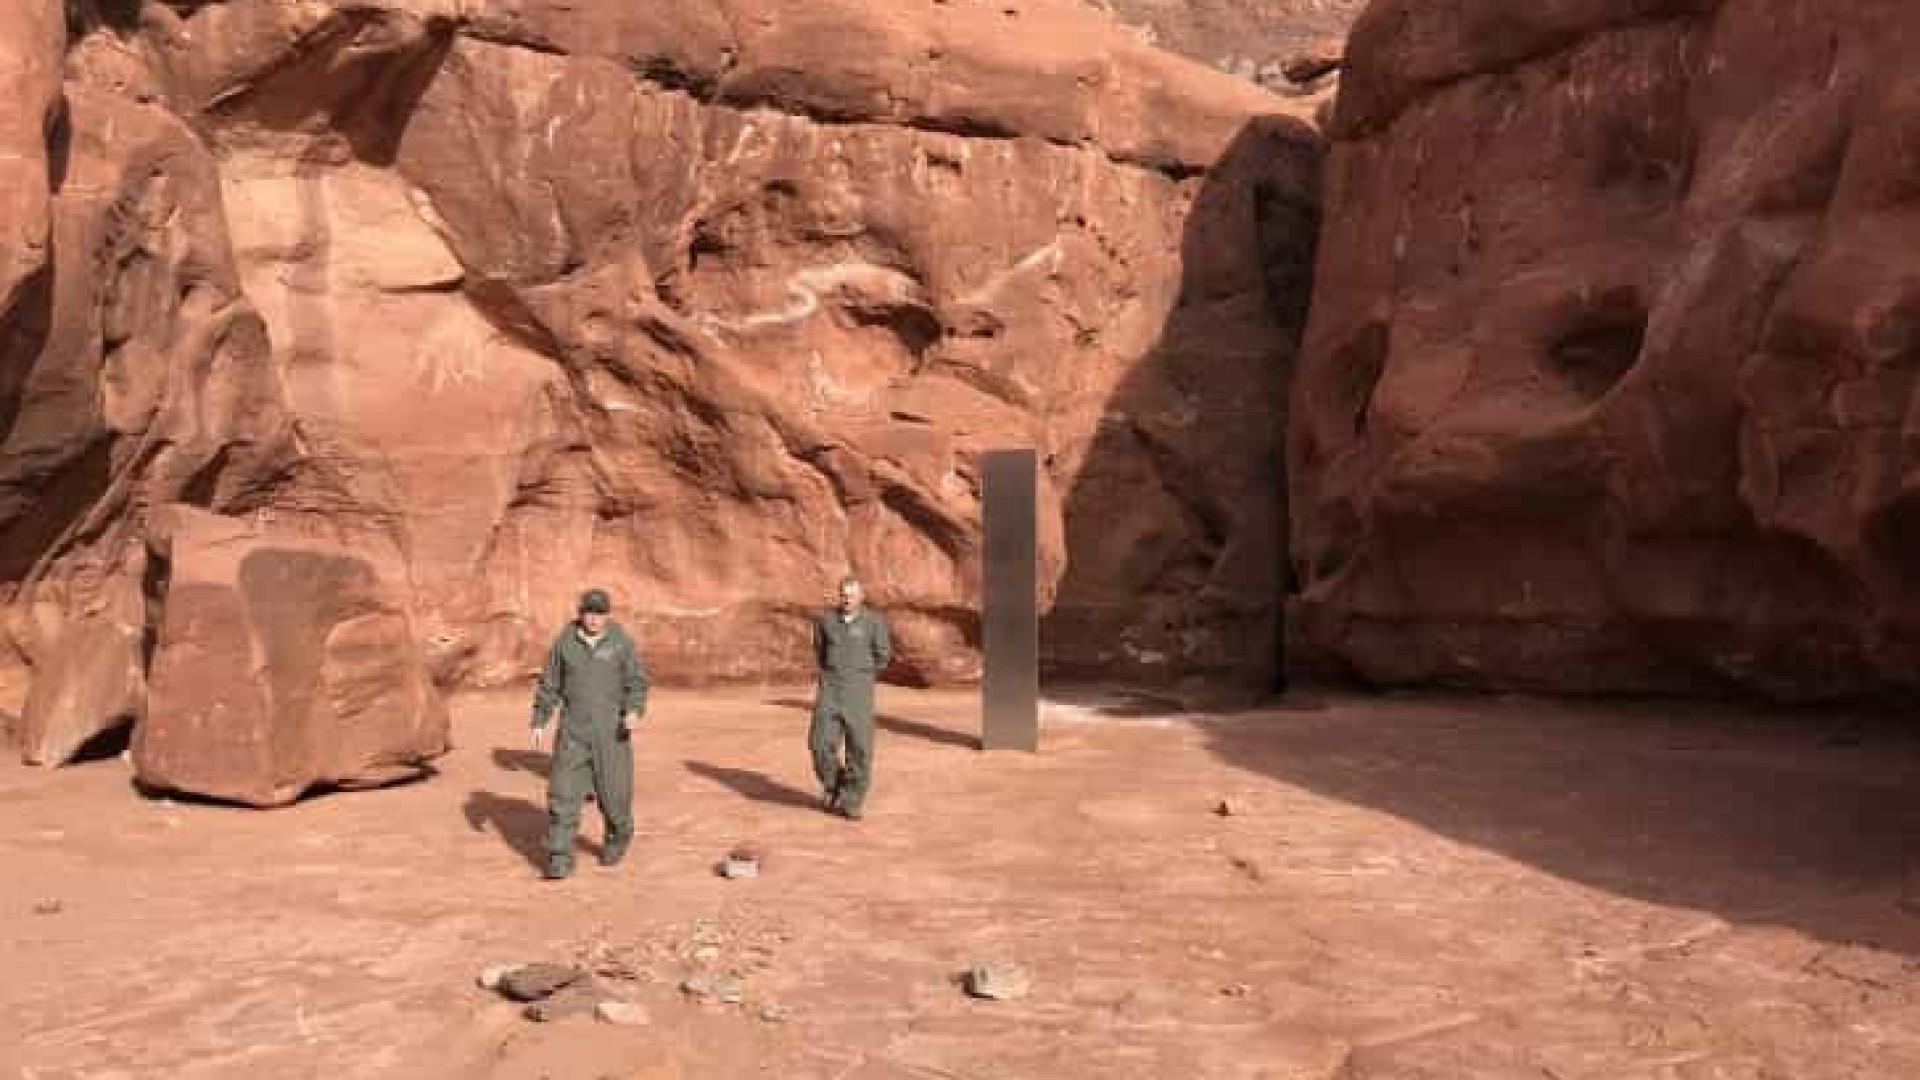 Objeto metálico misterioso é descoberto em zona remota do deserto